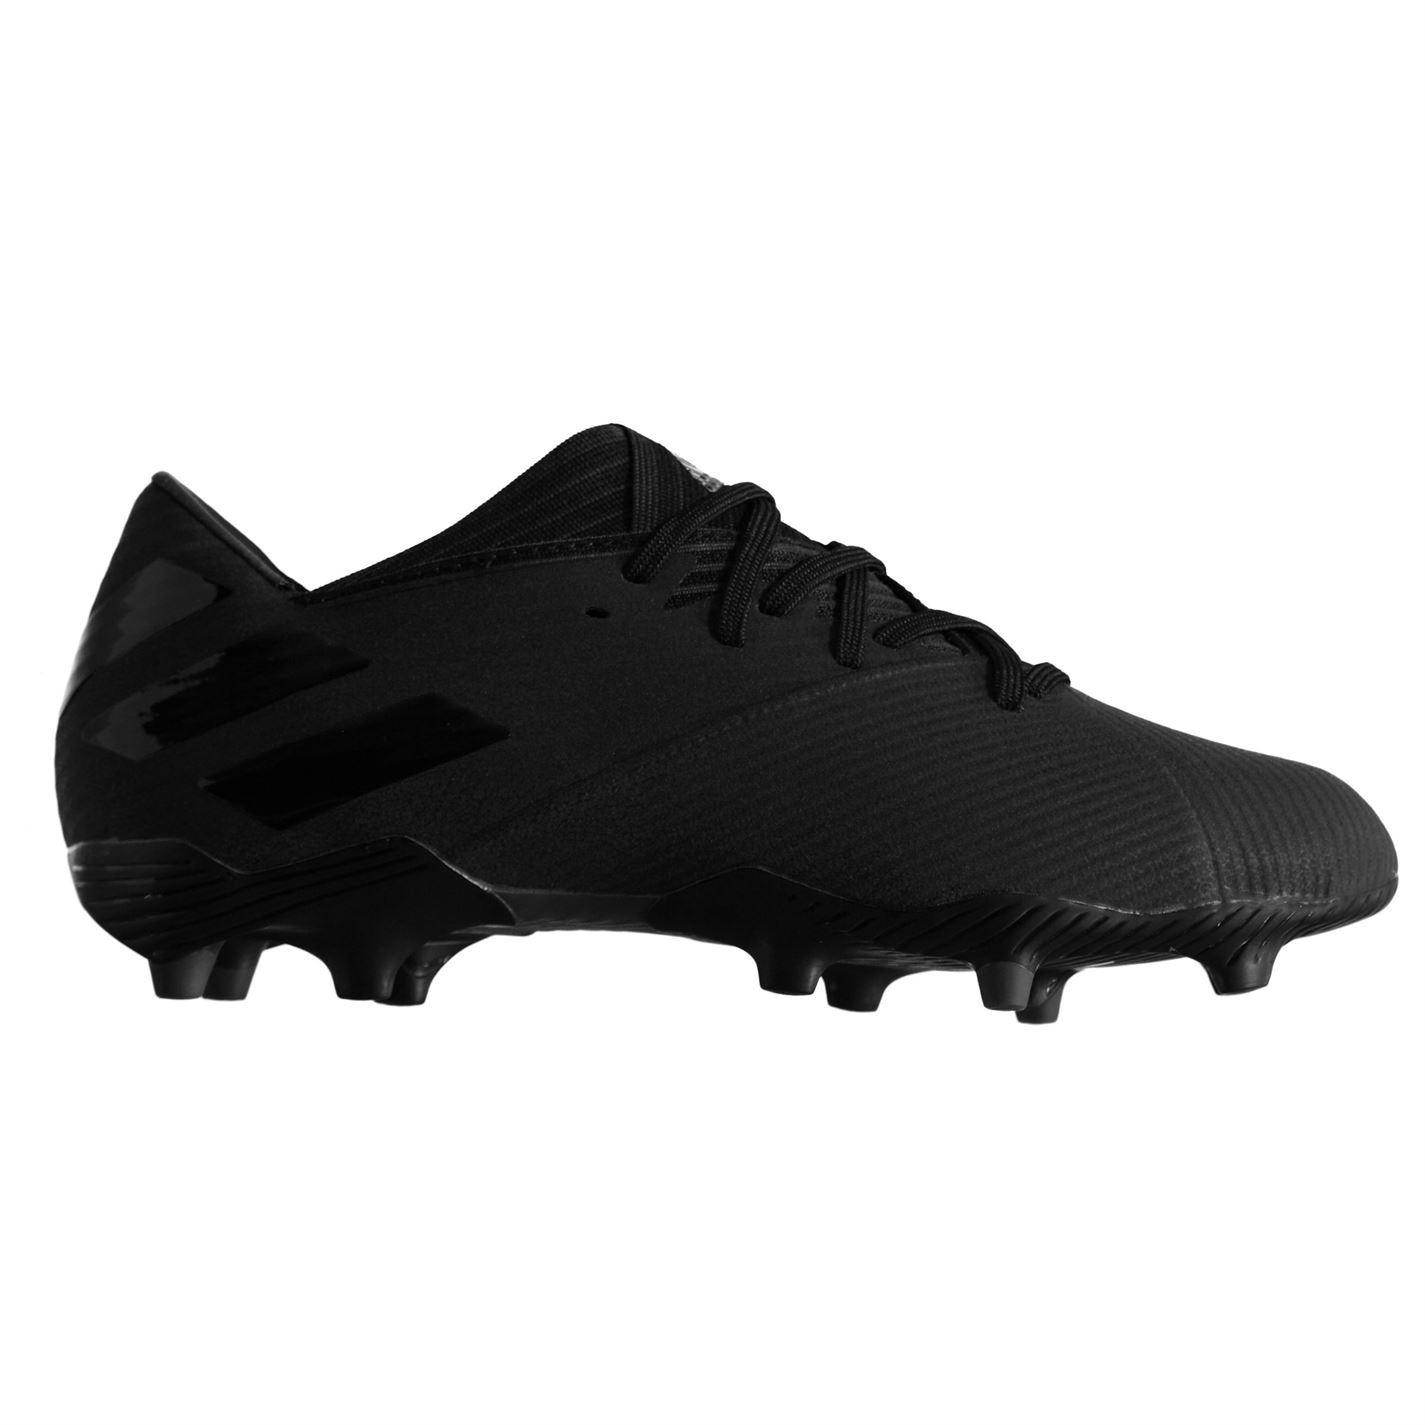 Adidas-nemeziz-19-2-Firm-Ground-FG-Chaussures-De-Football-Hommes-Soccer-Crampons-Chaussures miniature 6